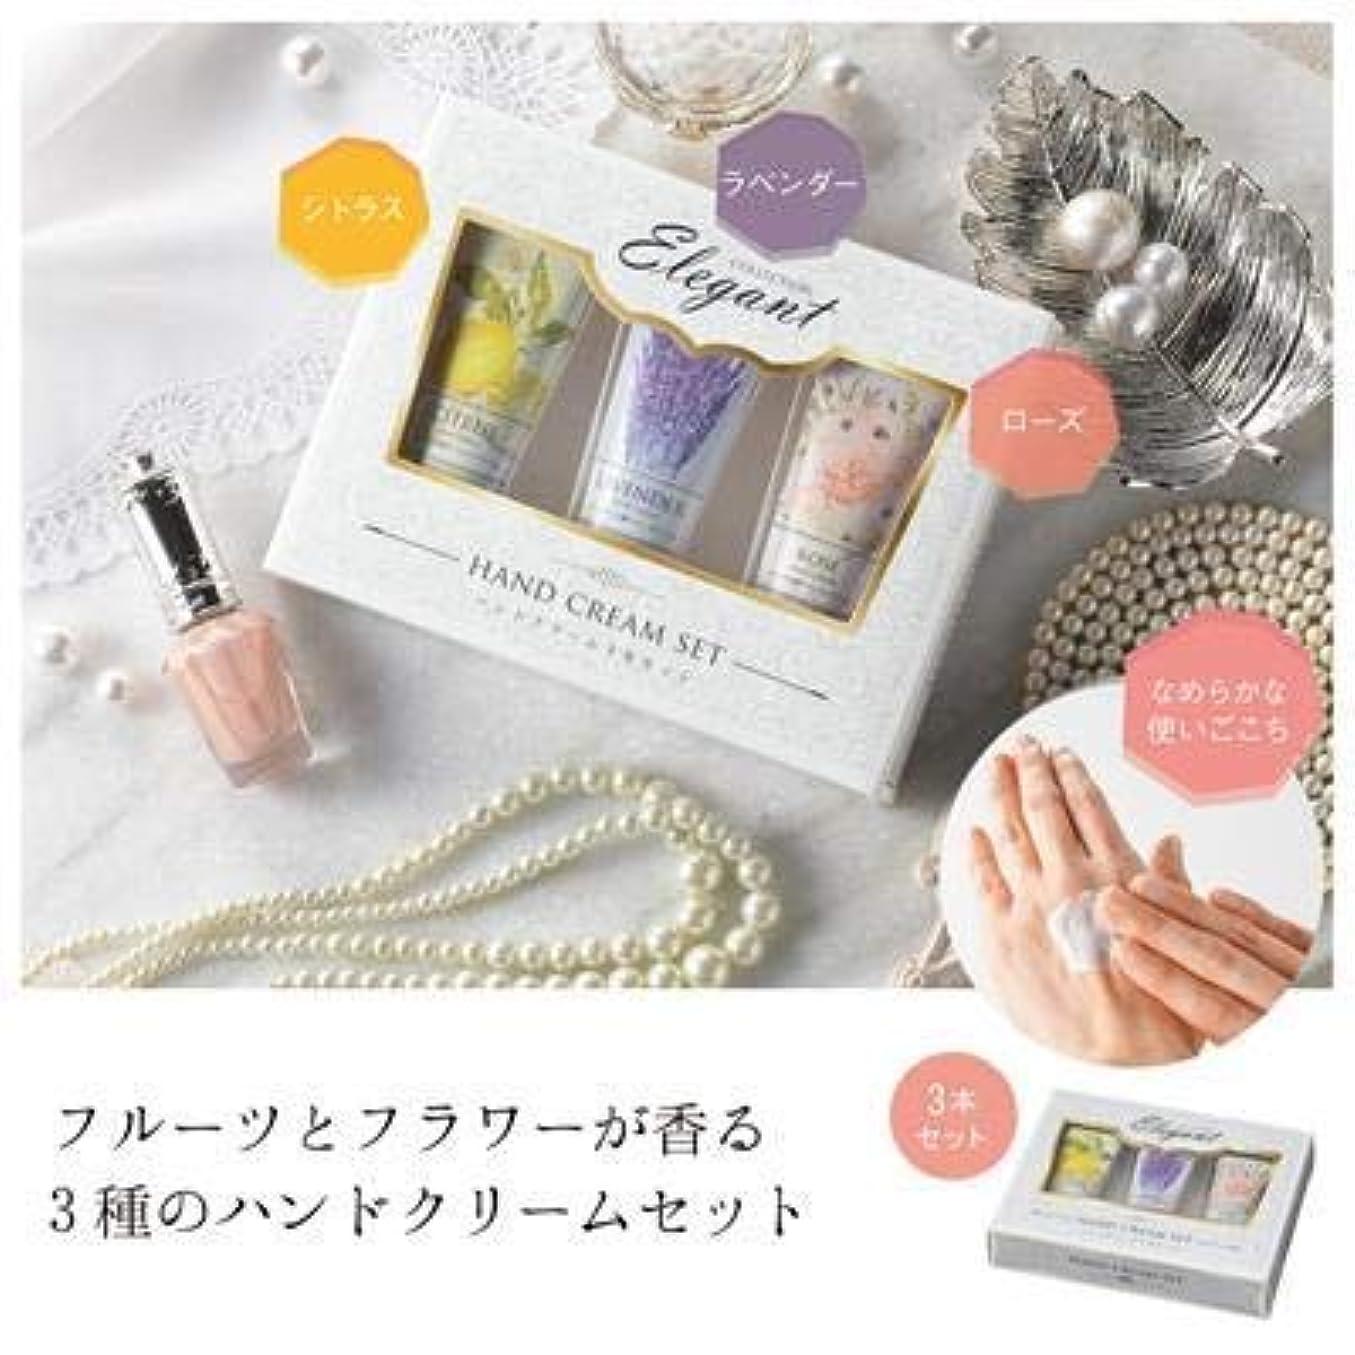 不実息切れ肝ハンドクリーム3本セット(化粧箱入)【まとめ売り10個セット】